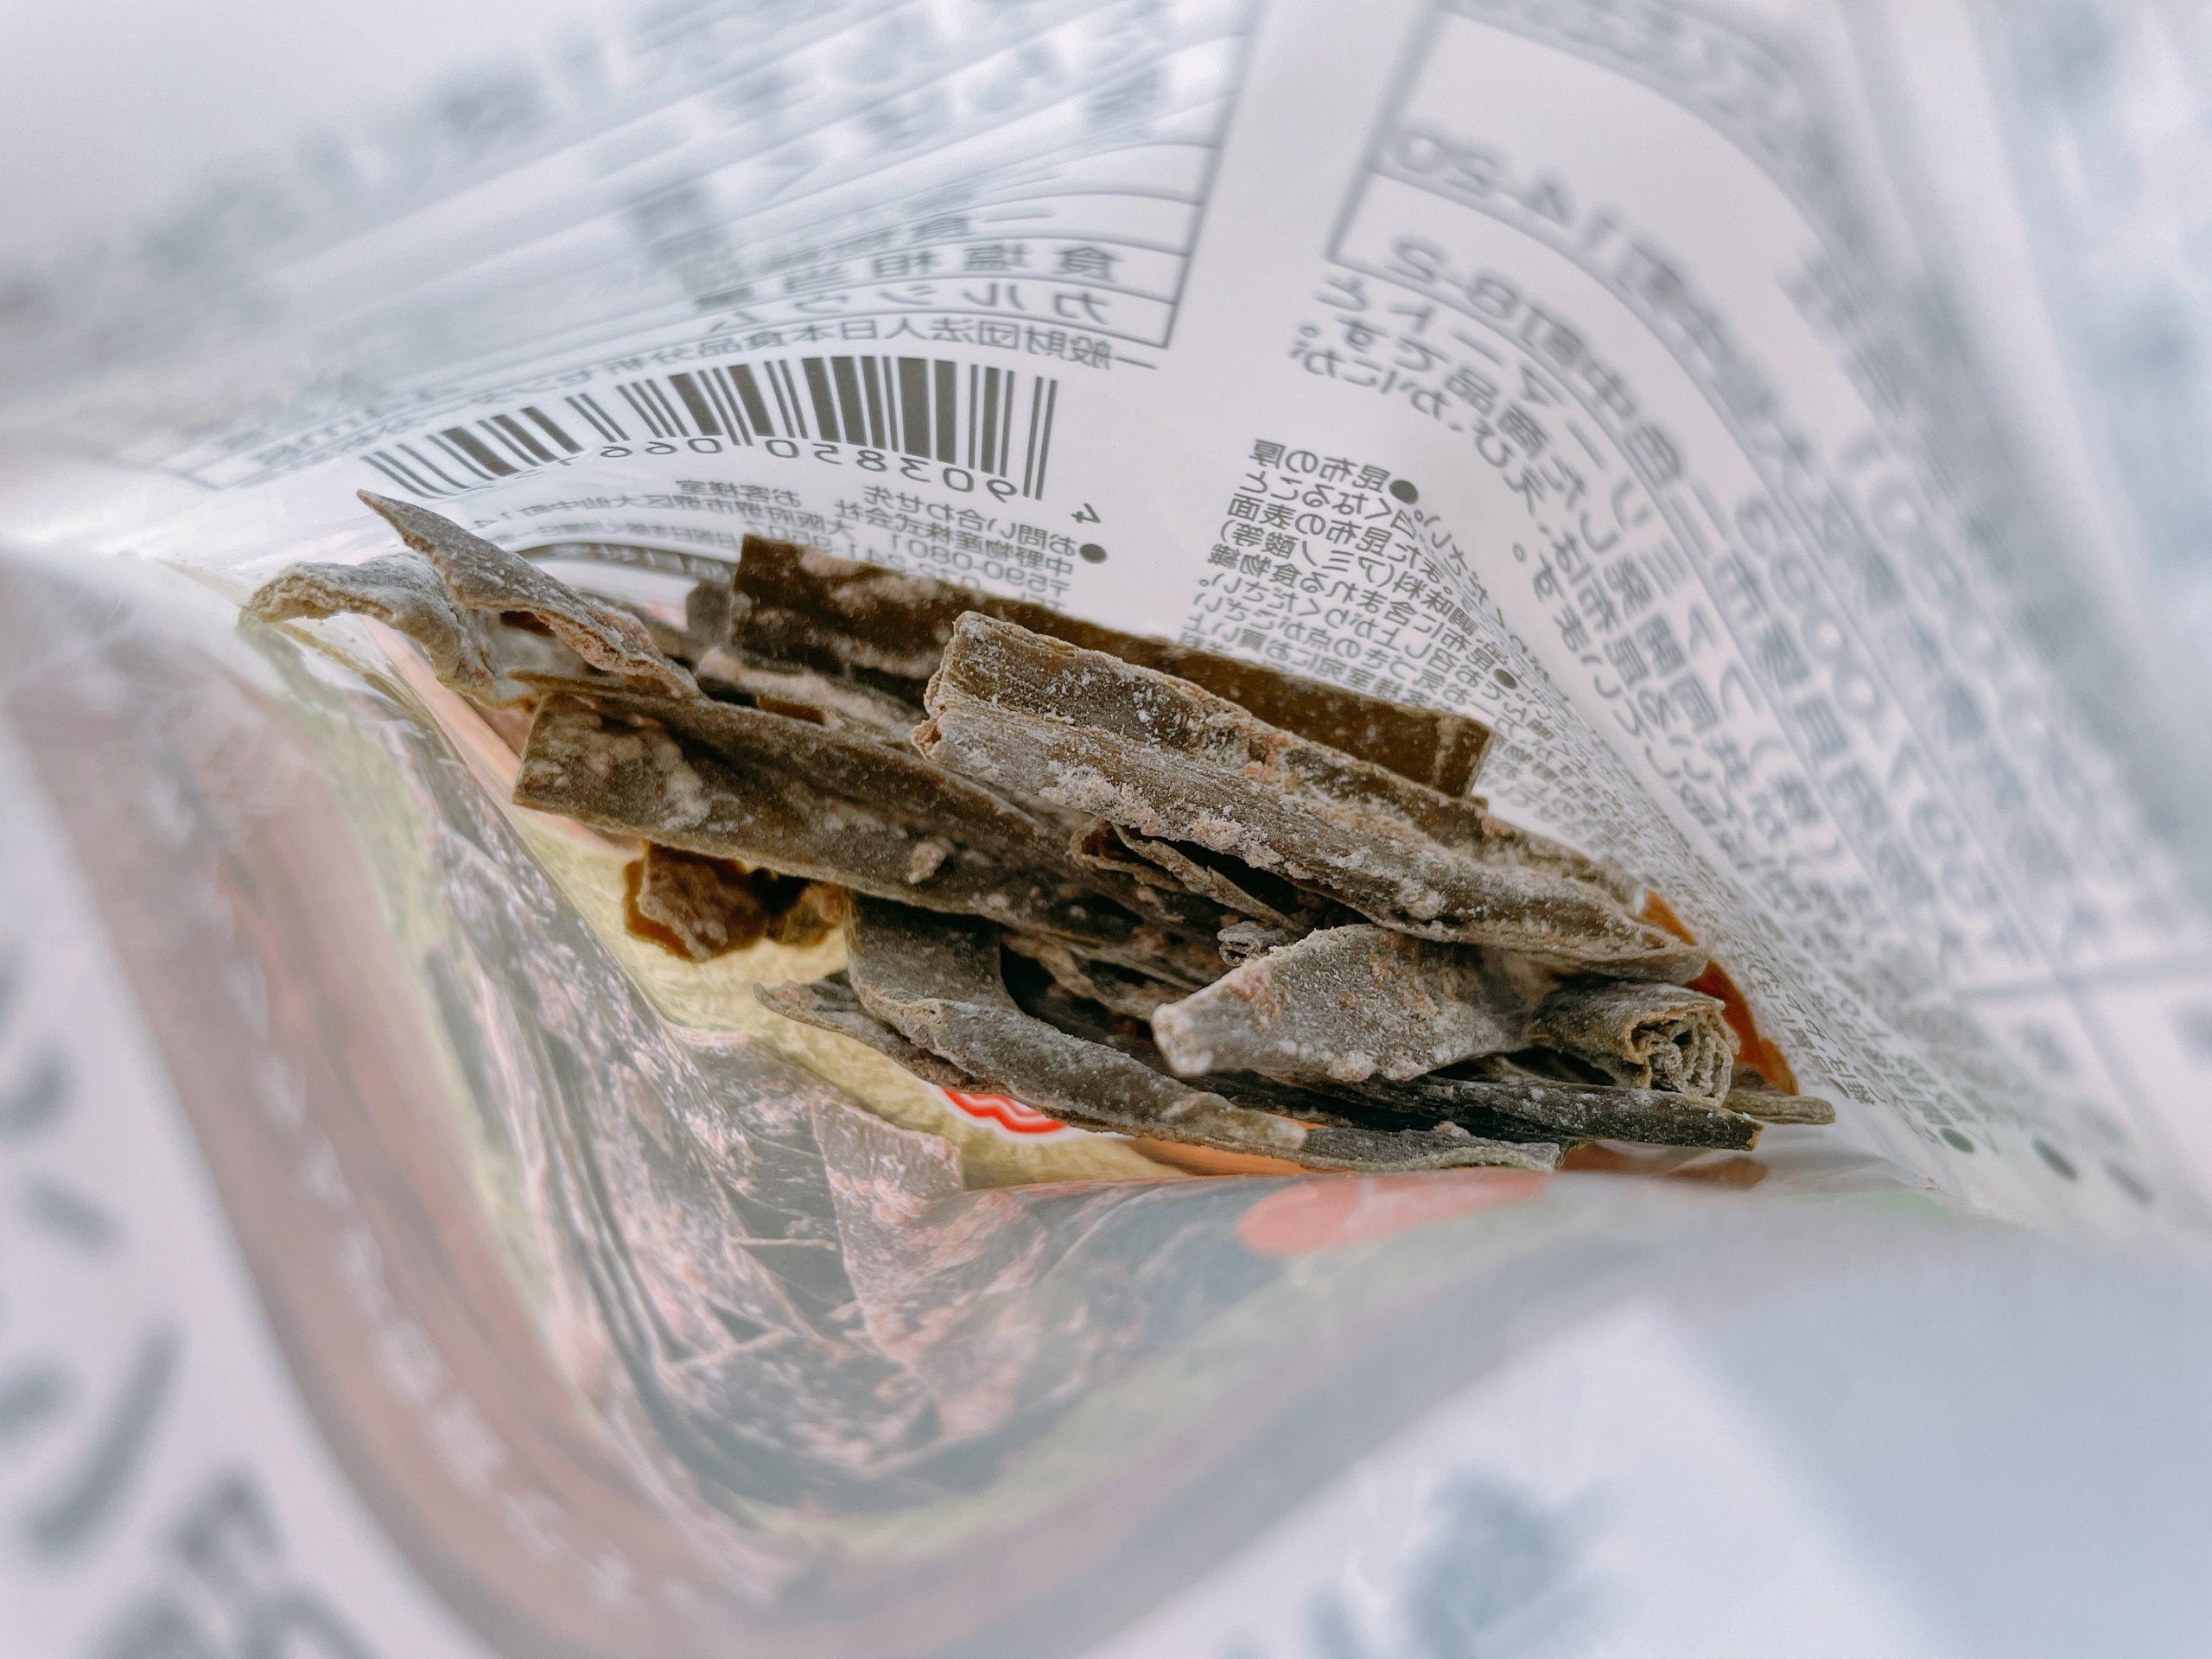 北海道産昆布を使用 おしゃぶり昆布紀州梅の酸っぱそうな、昆布の香り